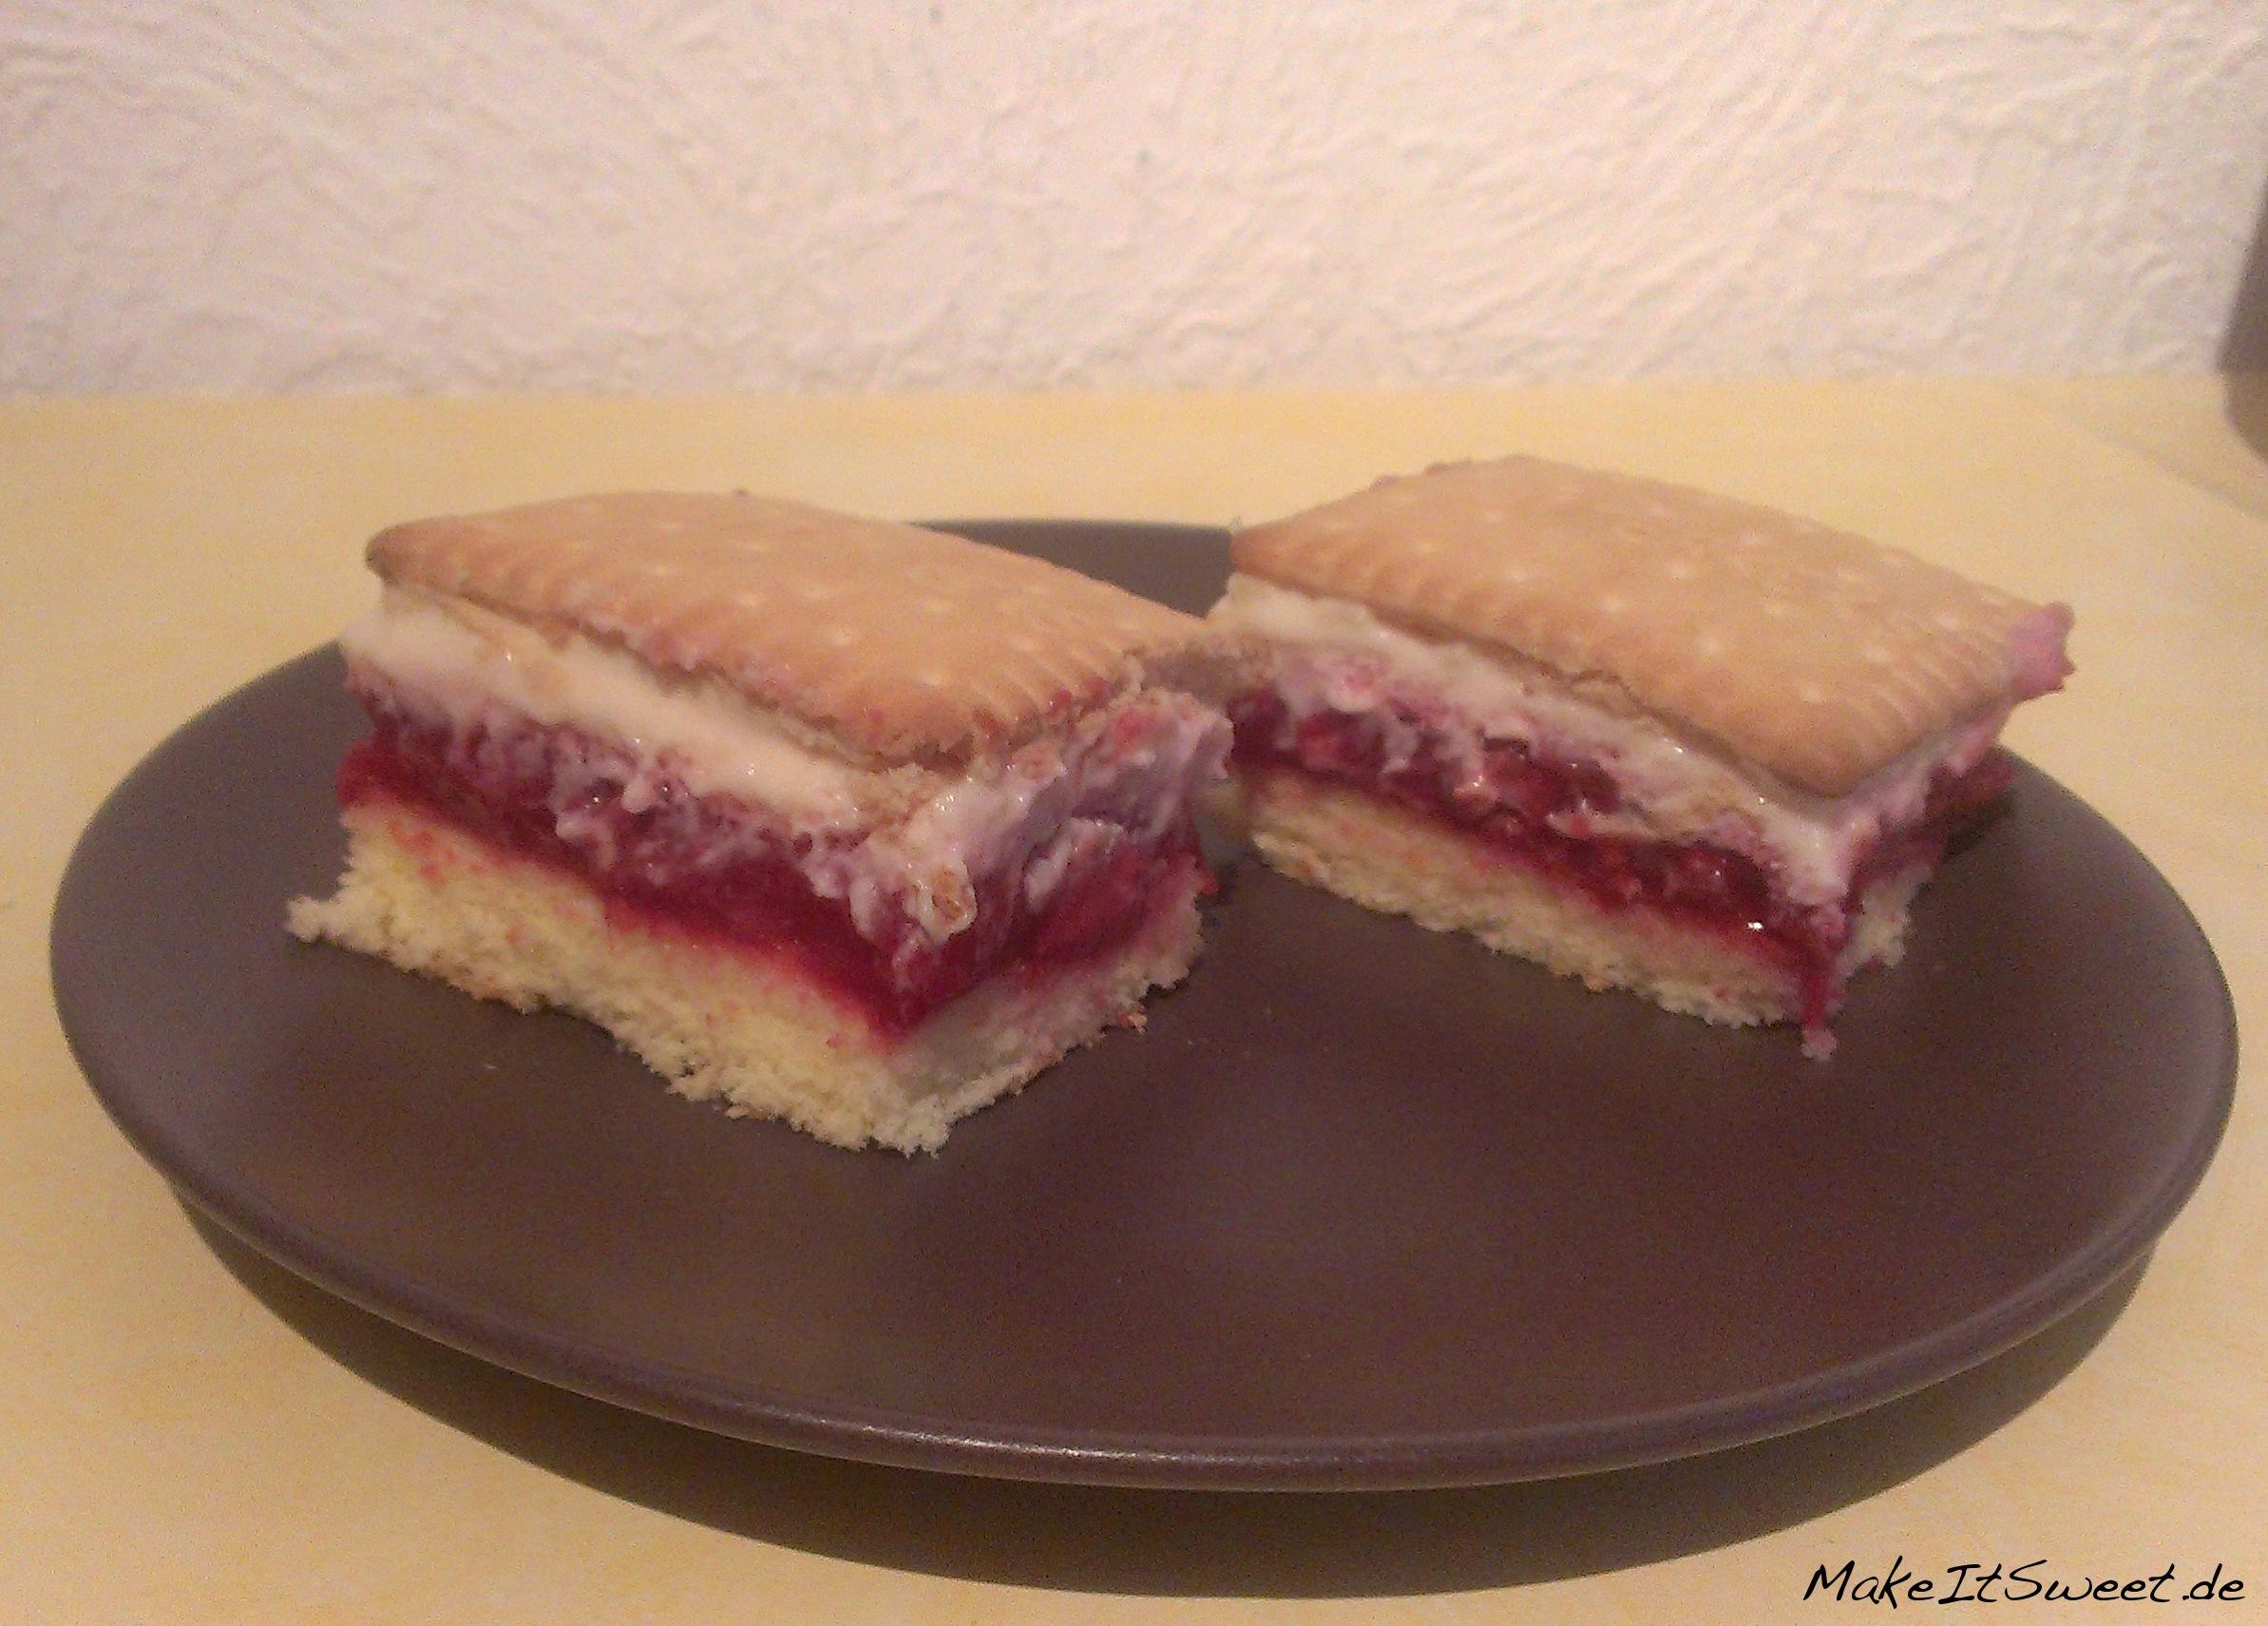 kuchen mit keks und pudding beliebte rezepte von urlaub kuchen foto blog. Black Bedroom Furniture Sets. Home Design Ideas